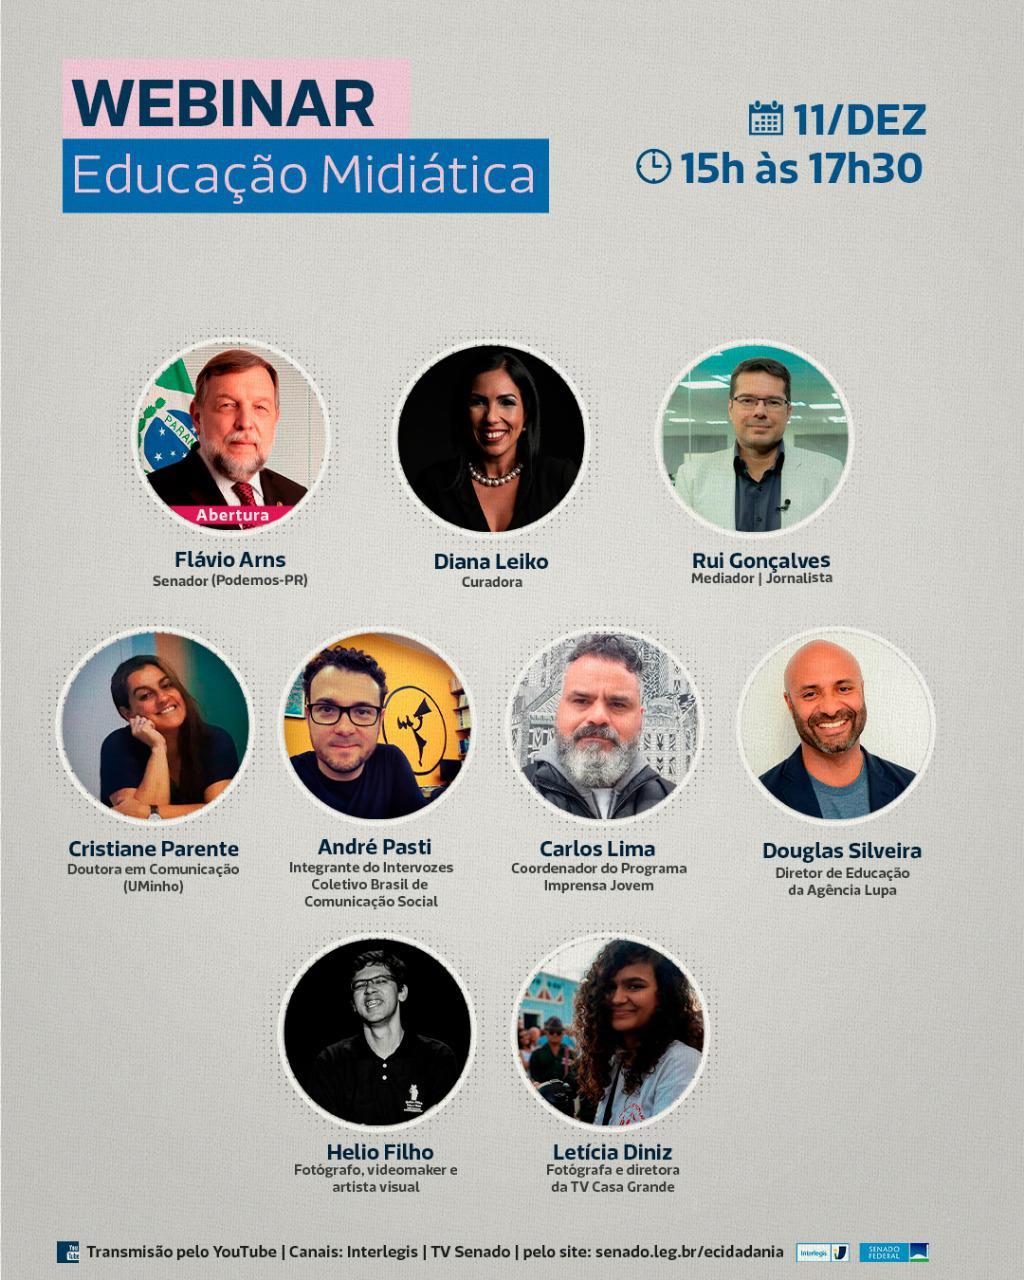 Interlegis promove Webinar sobre Educação Midiática